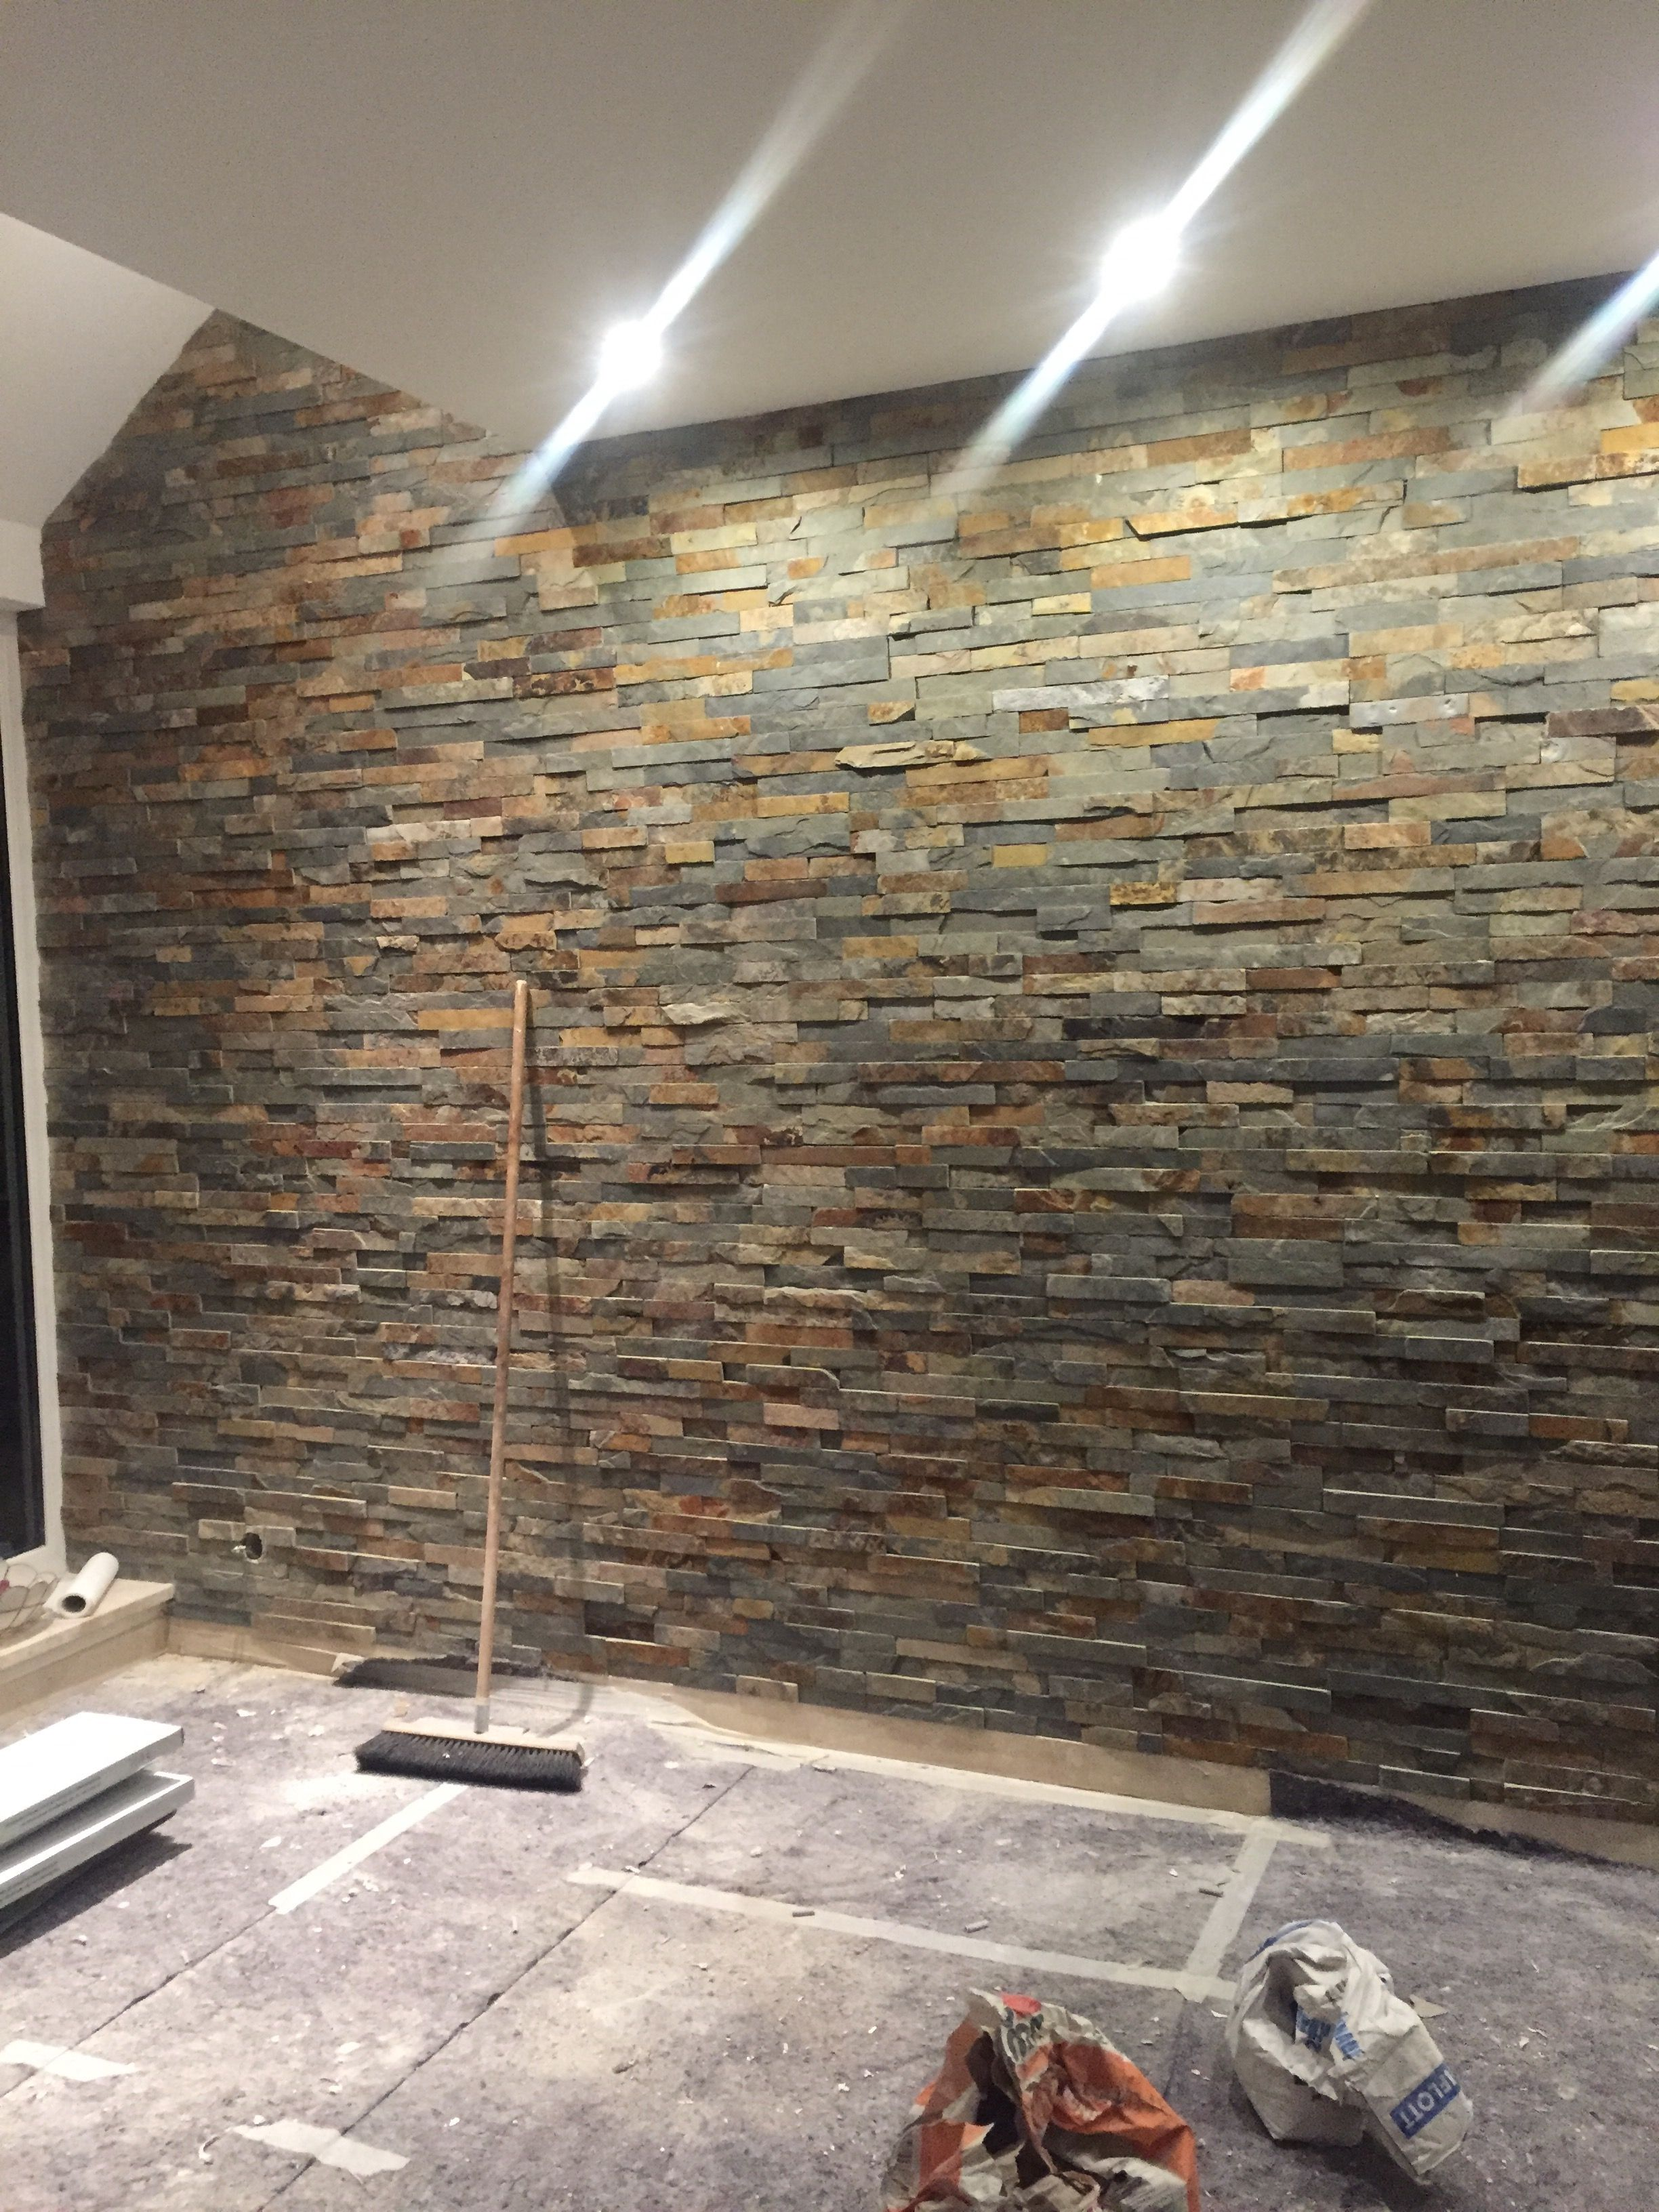 Natursteinwand aus Schiefer/Wohnzimmer  Natursteinwand, Steinwand